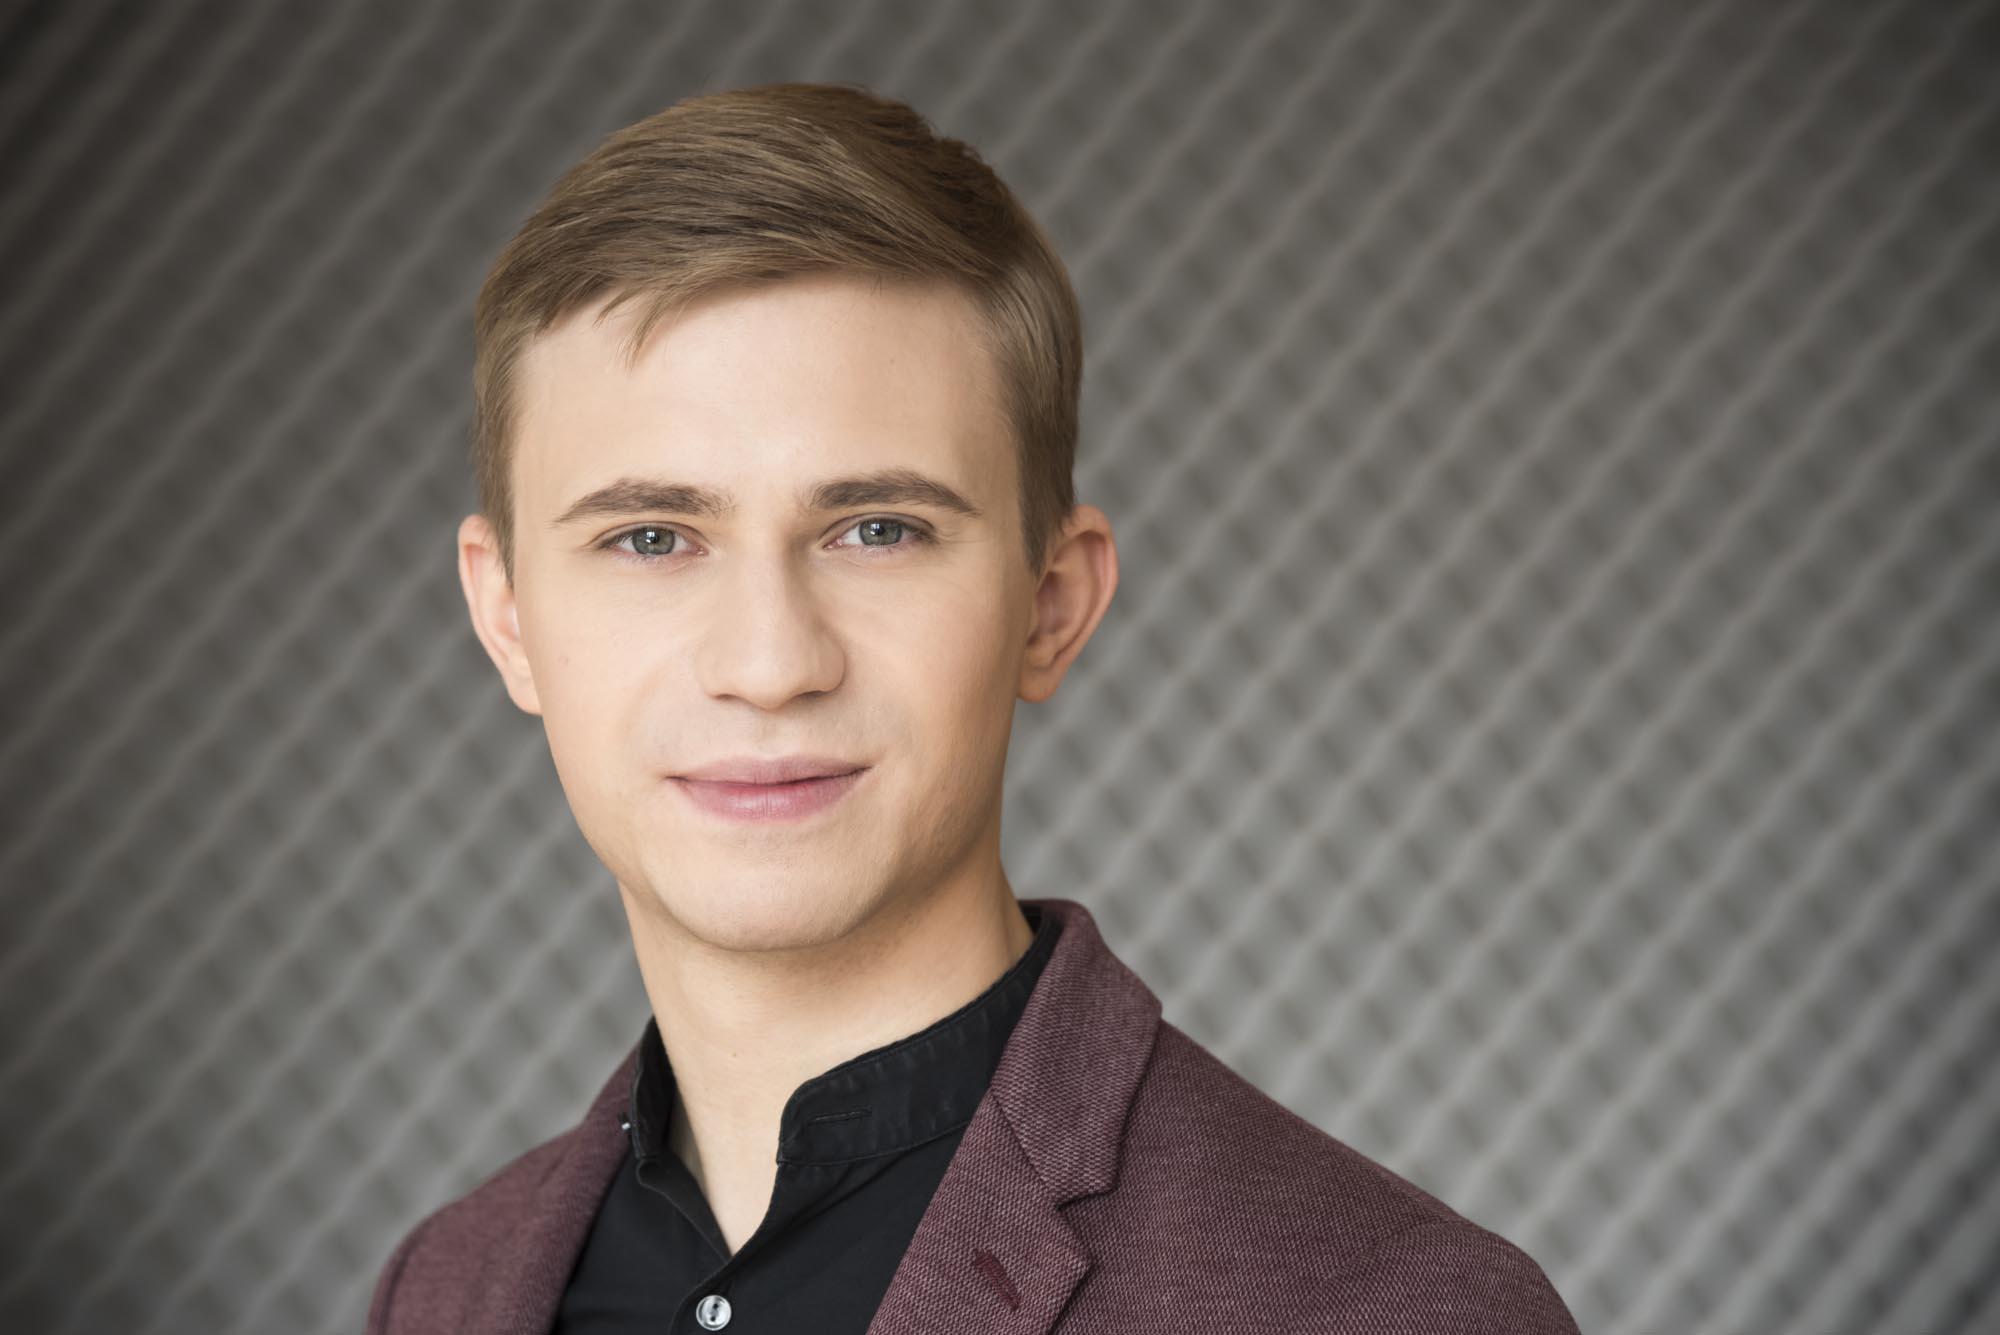 El joven pianista ucraniano Dmytro Choni ofrecerá hoy un concierto en el Teatro Liceo